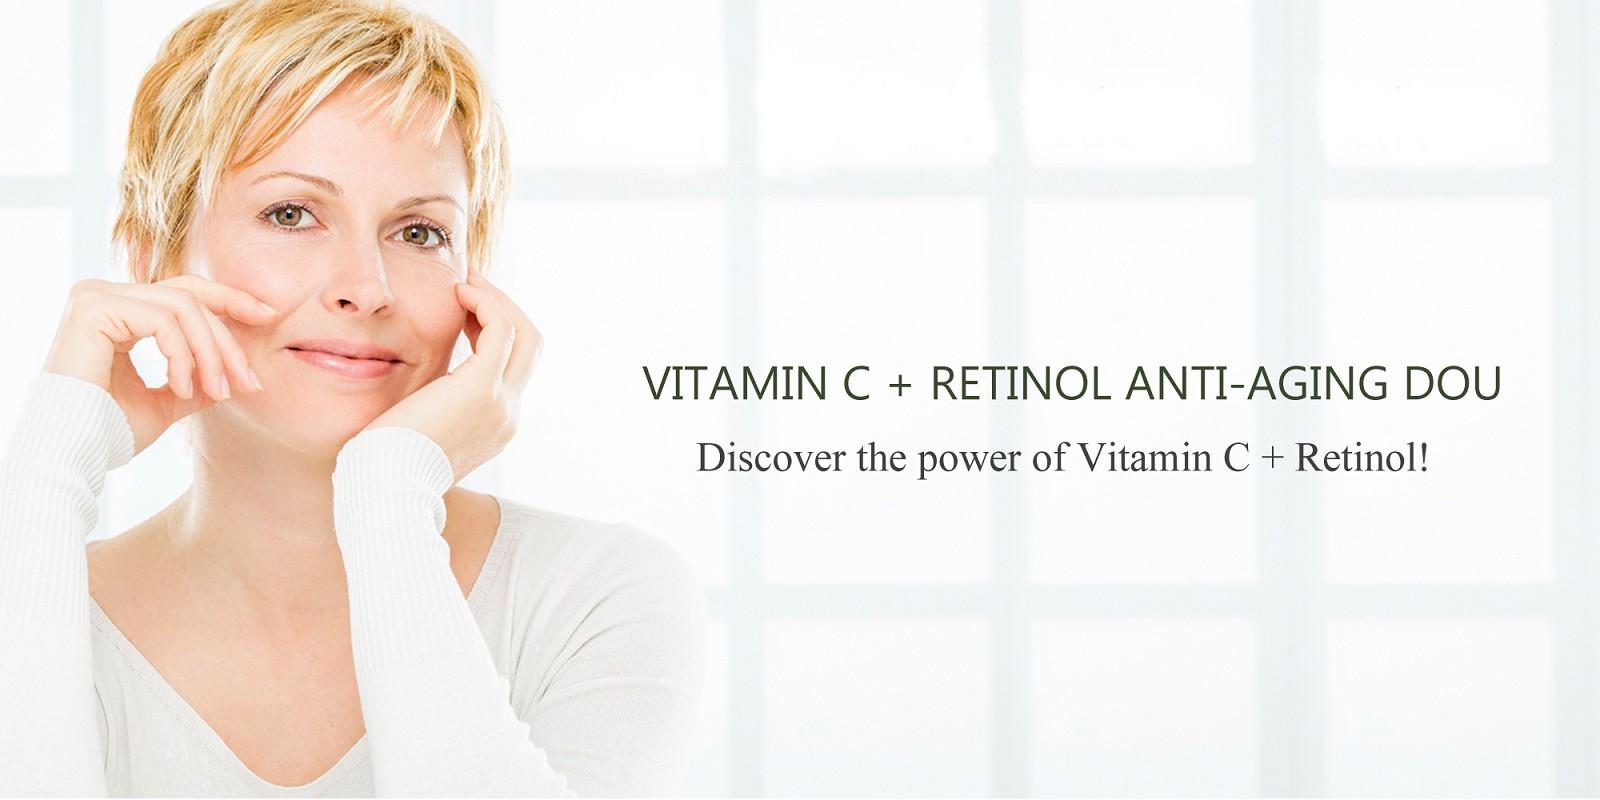 retin a - Vitamin c serum